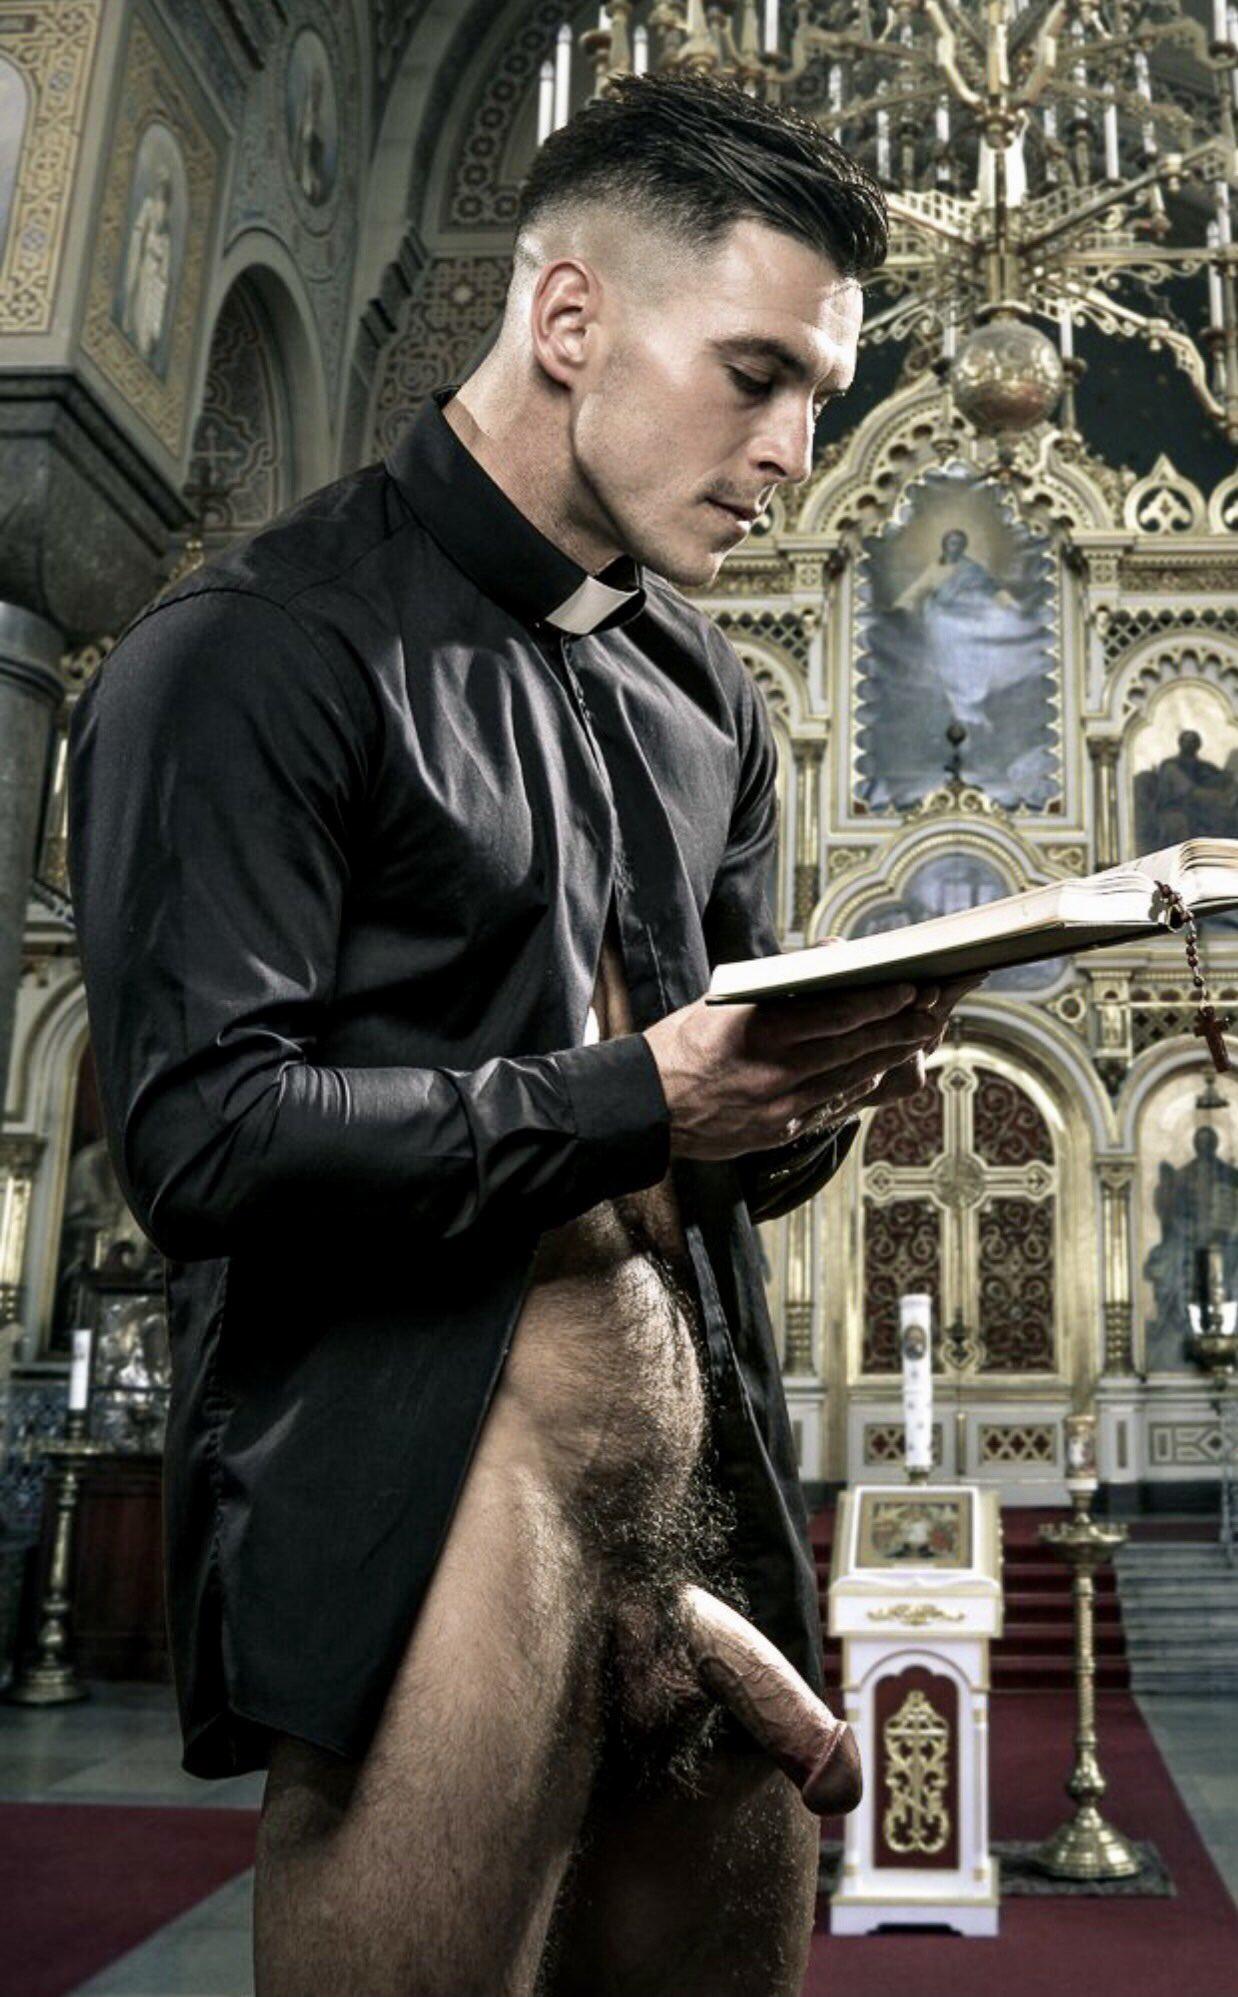 sacerdote desnudo